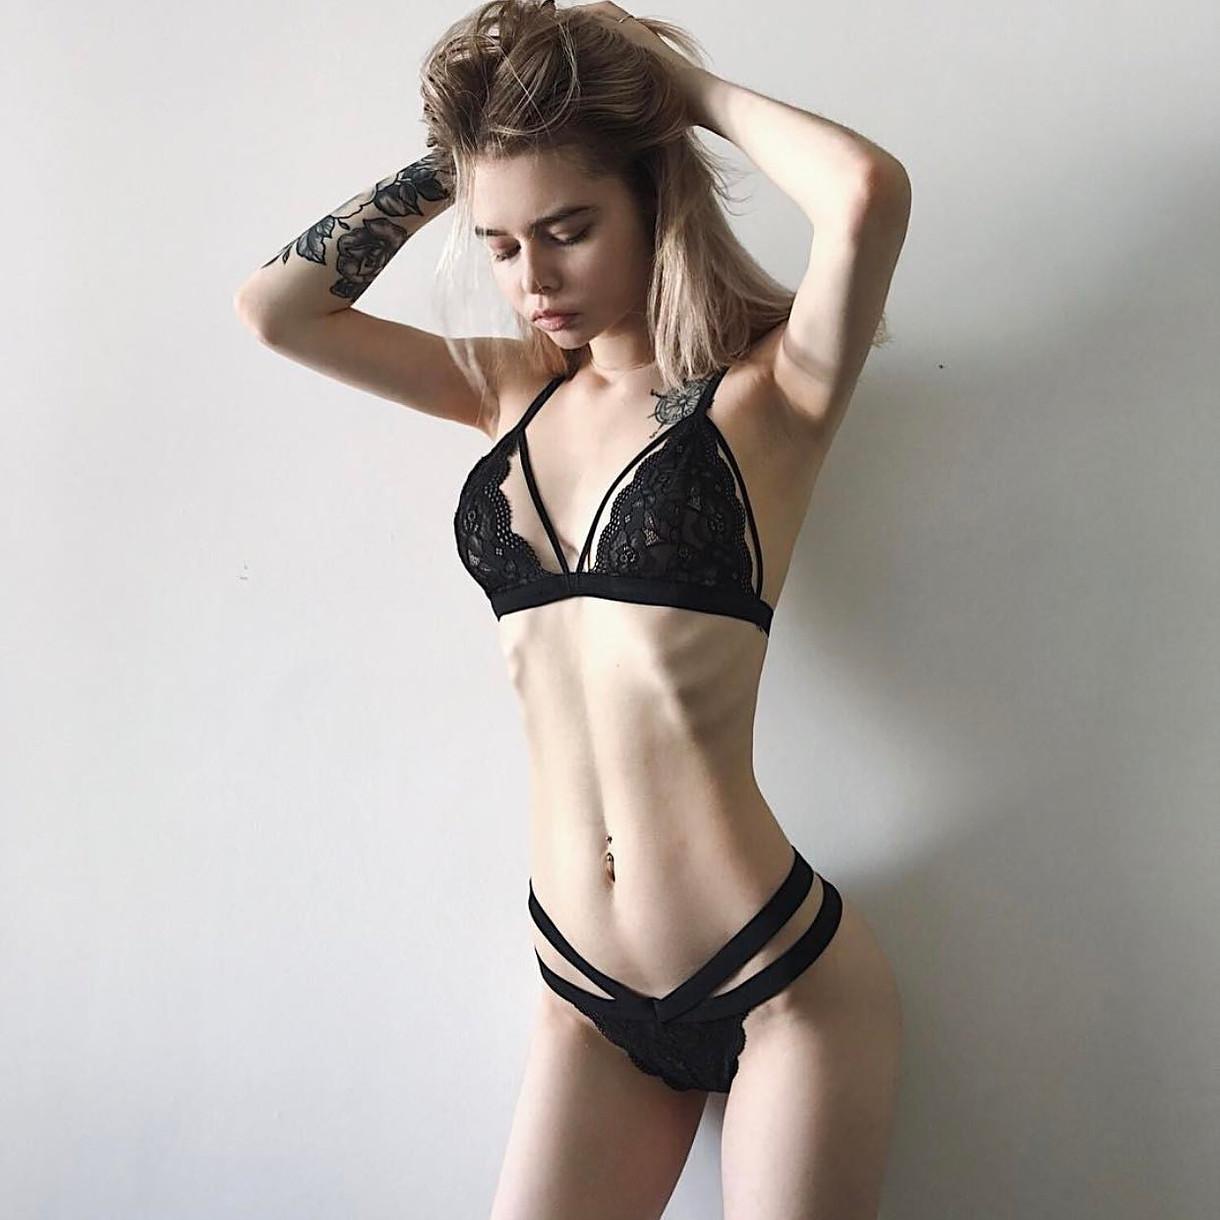 худая красивая девушка обнажается видео порно